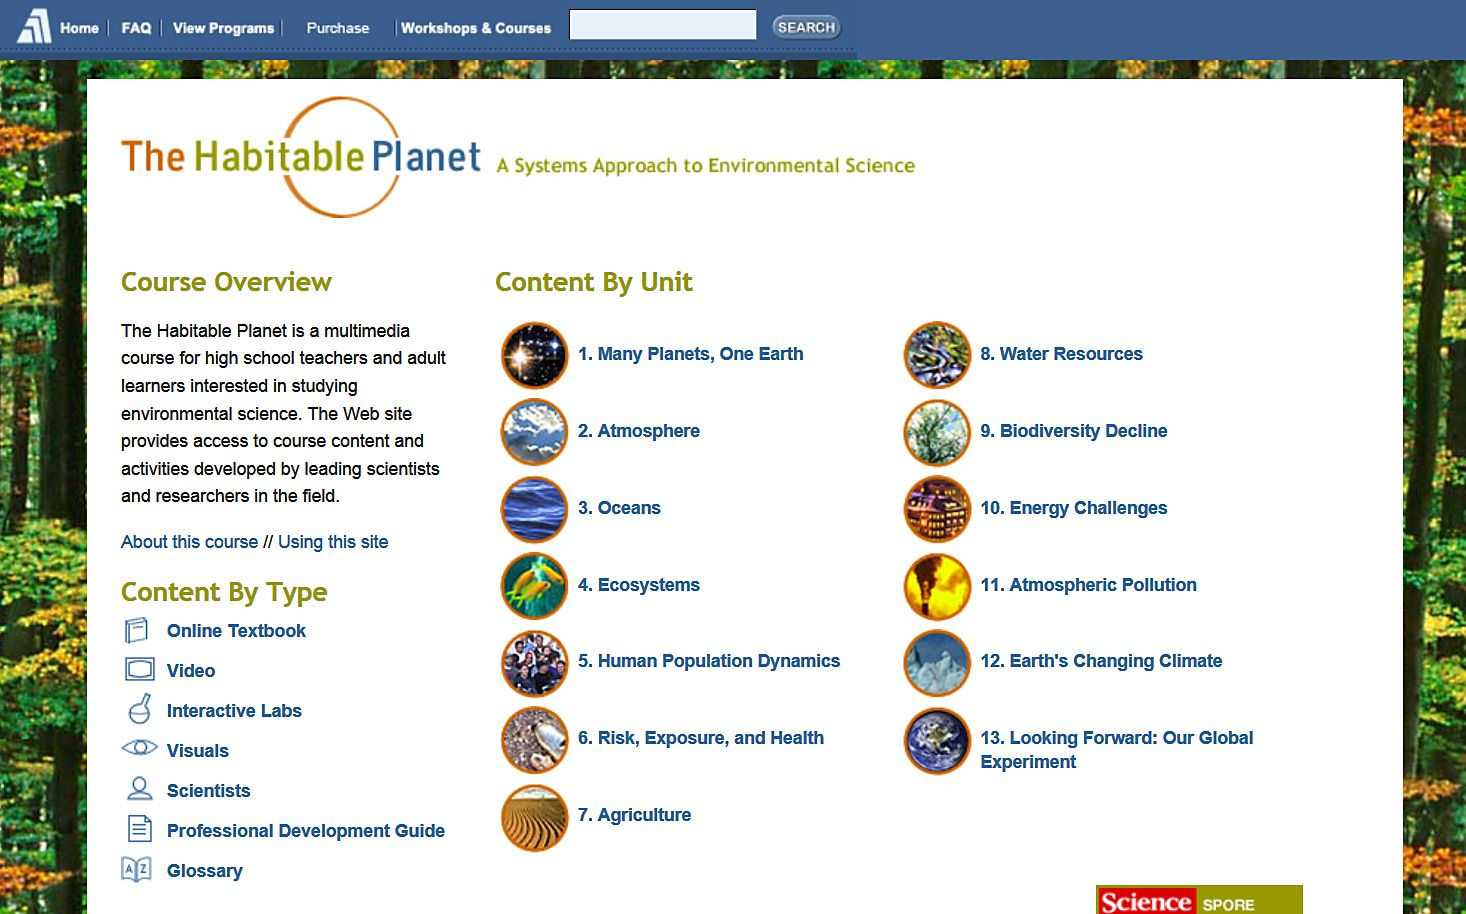 The Habitable Planet, A Systems Aproach to Environmental Science (2007), es un curso multimedia en inglés, para uso de profesores de secundaria, bachillerato y de adultos. Incluye 13 módulos: planeta tierra, atmósfera, océanos, ecosistemas, población, riesgo y salud, agricultura, agua, biodiversidad, energía, contaminación, cambio climático y futuro. Cada uno incluye plane de clase con actividades, simuladores, videos, imágenes, gráficas y textos para descarga en pdf o consulta web.